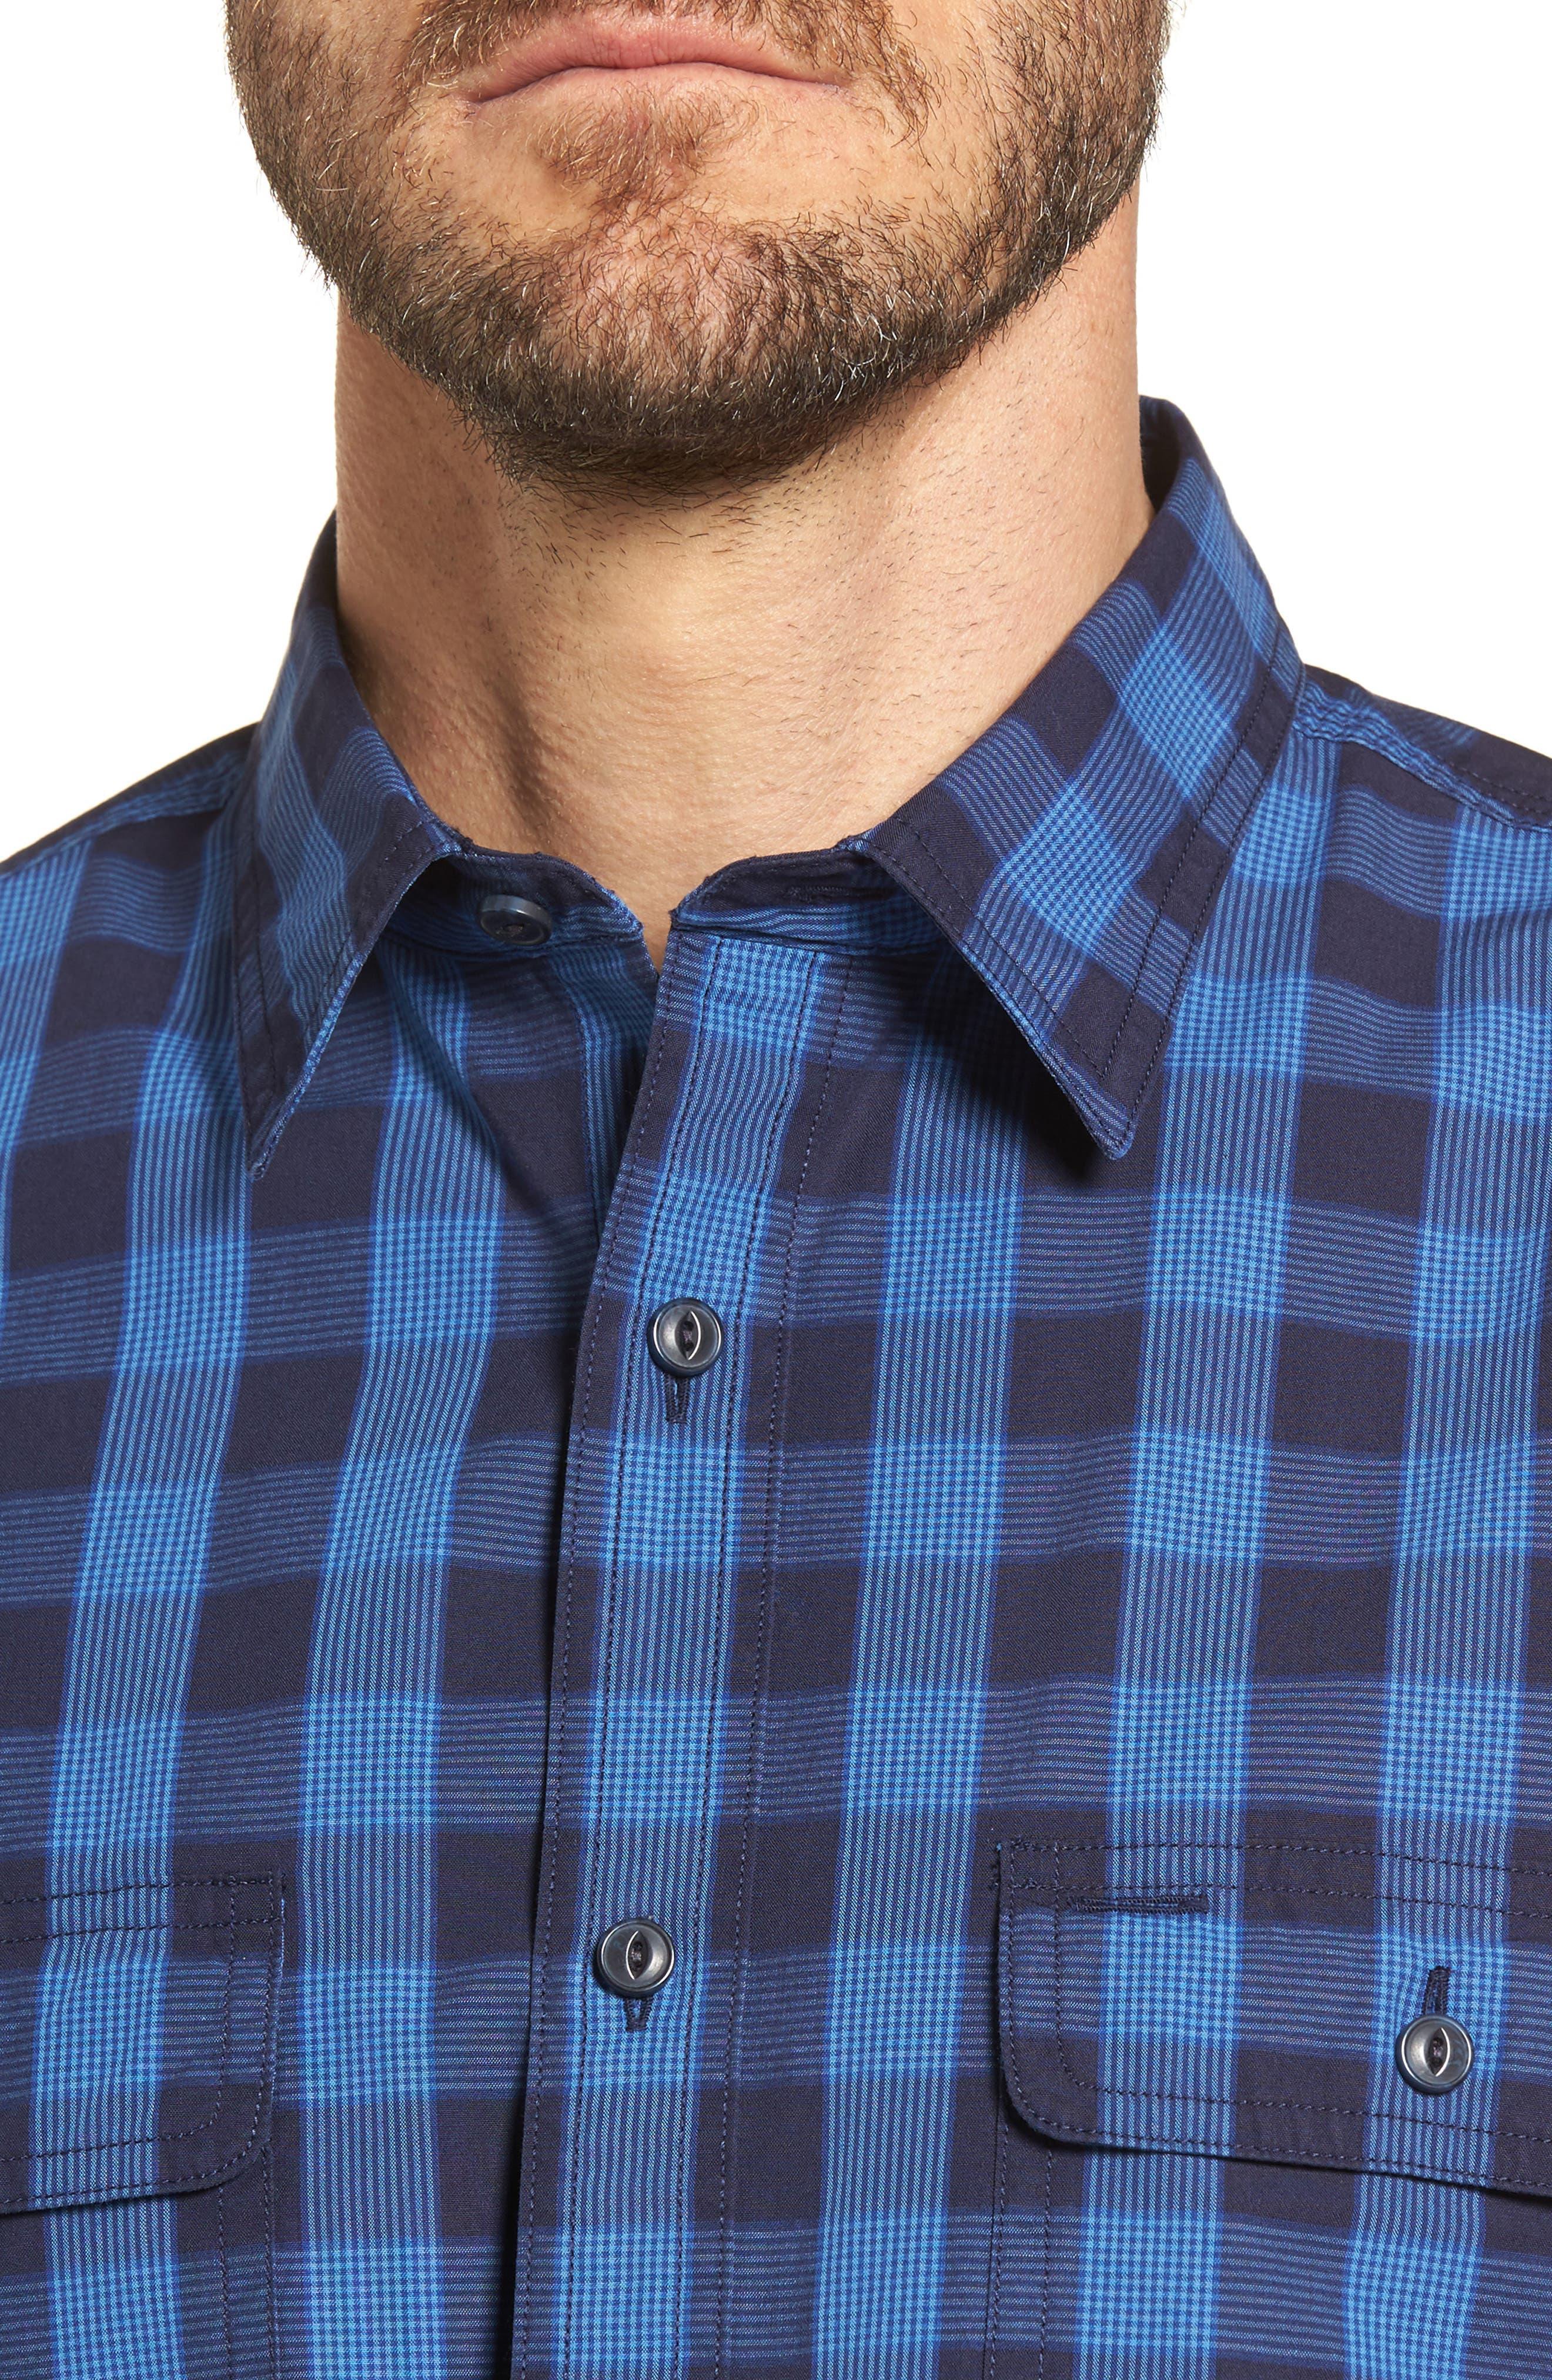 Trim Fit Plaid Trucker Sport Shirt,                             Alternate thumbnail 4, color,                             410